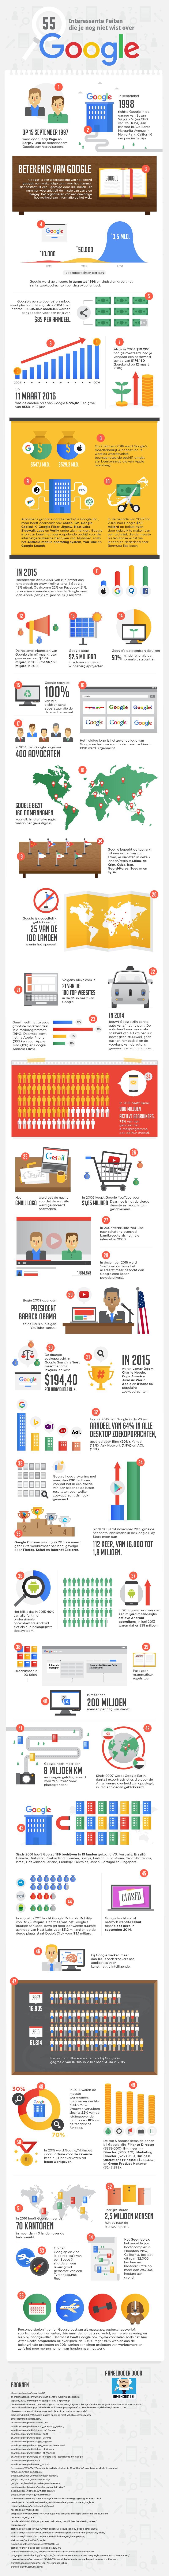 Google-infographic-01